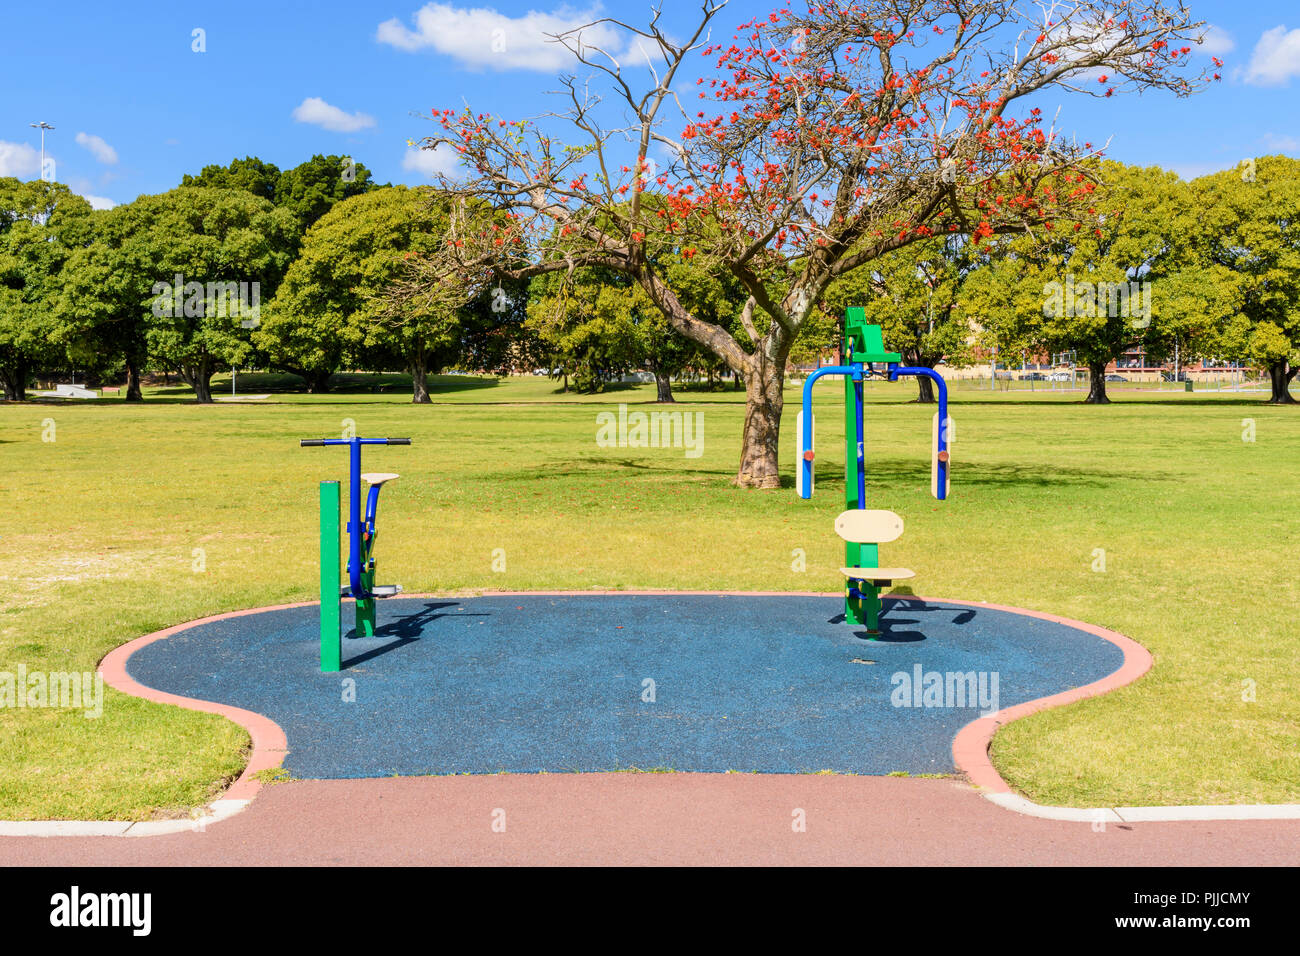 L'équipement d'exercice public extérieur Photo Stock